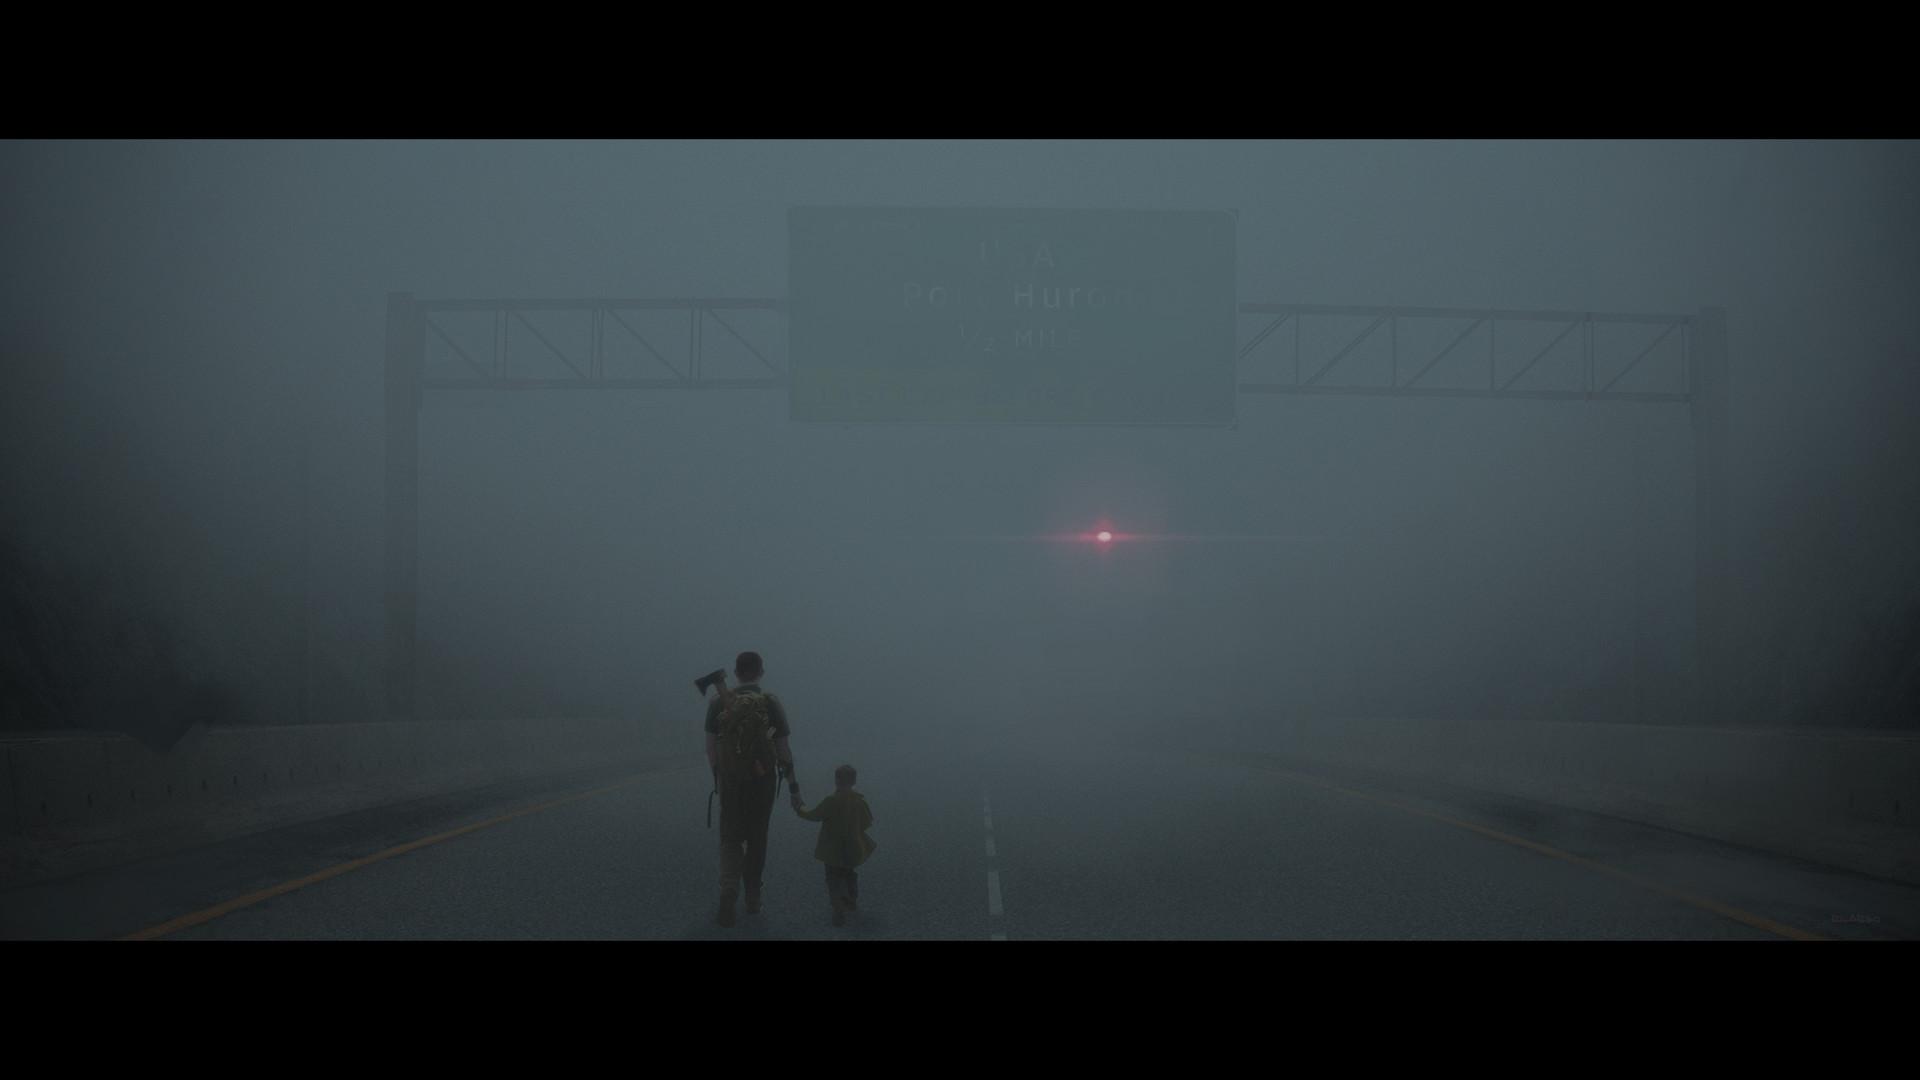 Ricardo guimaraes the fog